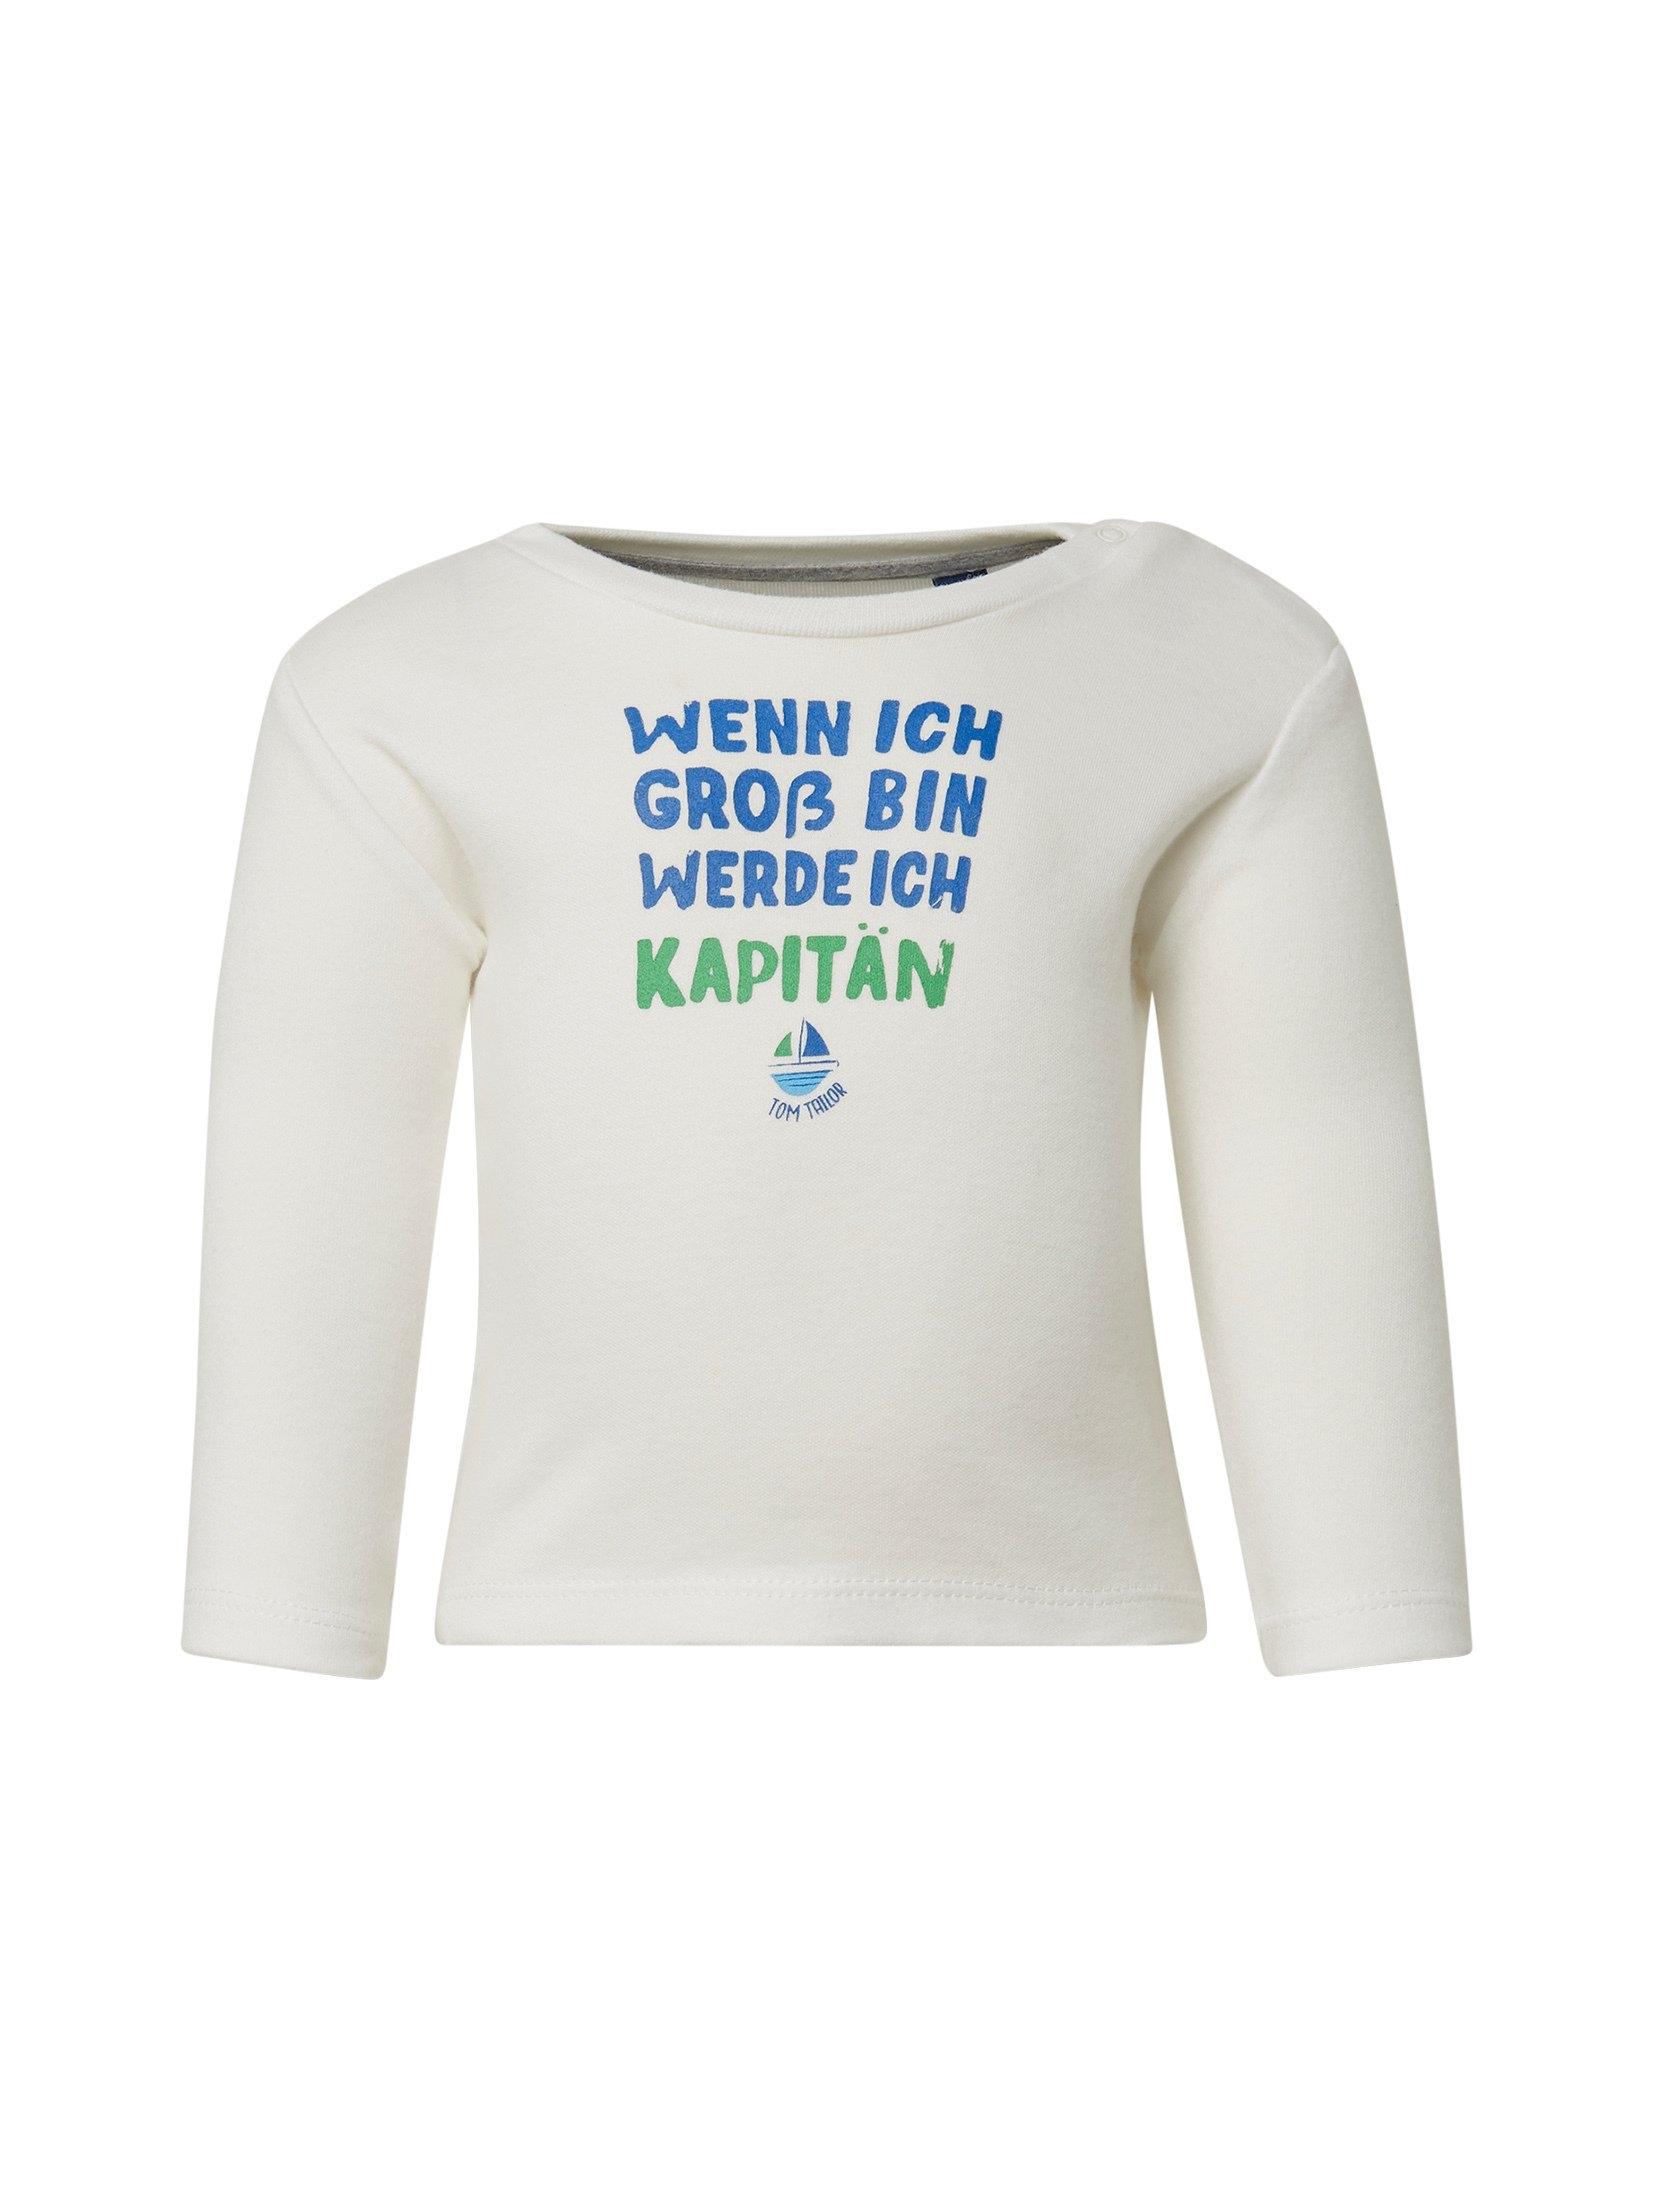 Tom Tailor shirt met lange mouwen »Shirt met lange mouwen en borstprint« - gratis ruilen op otto.nl